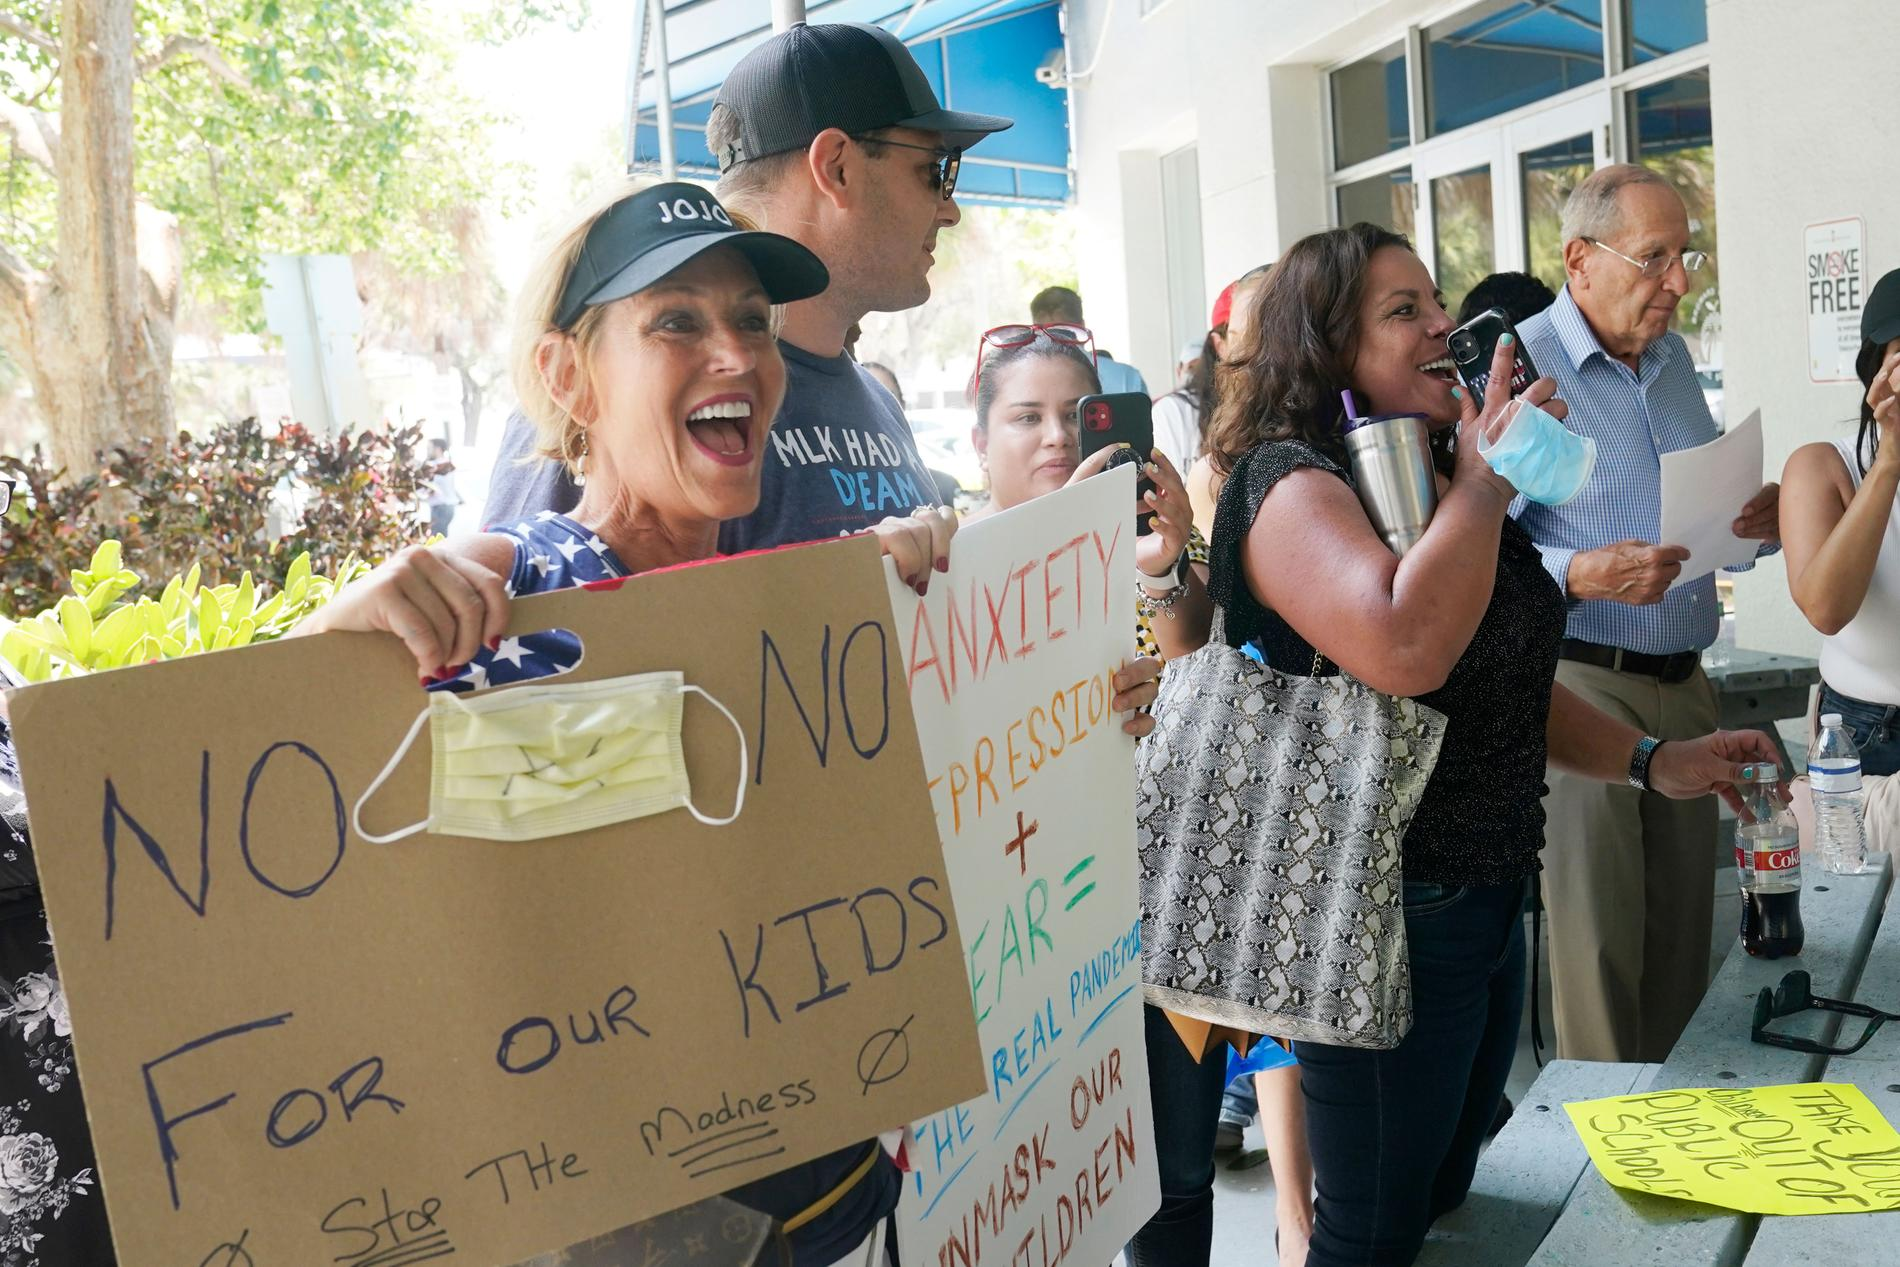 En liten grupp människor protesterar mot maskanvändandet på en skola i Florida och hävdar att deras barns personliga rättigheter kränks.